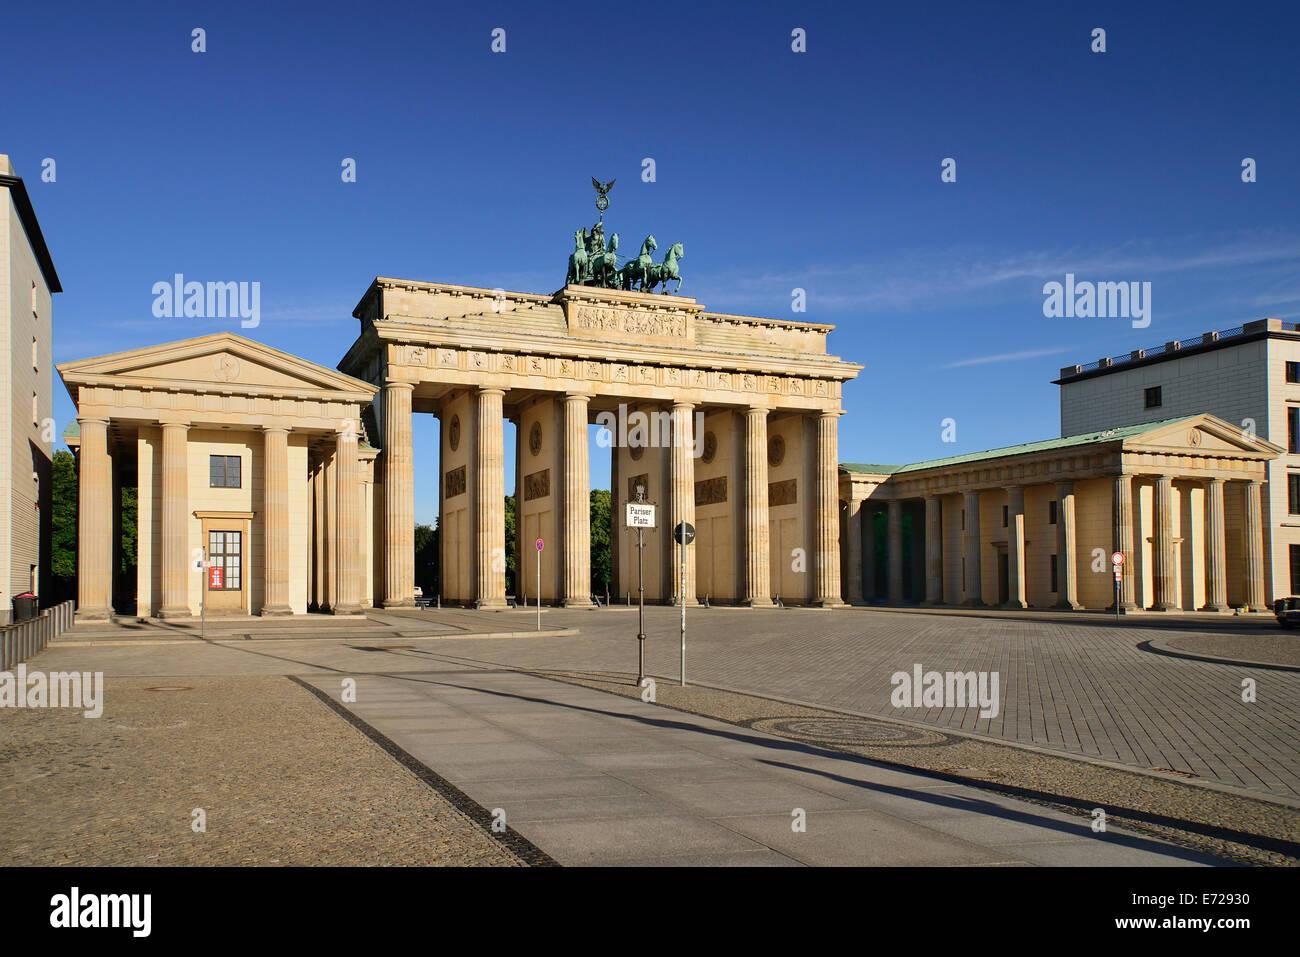 Deutschland, Berlin, Brandenburger Tor auf der Ostseite. Stockfoto